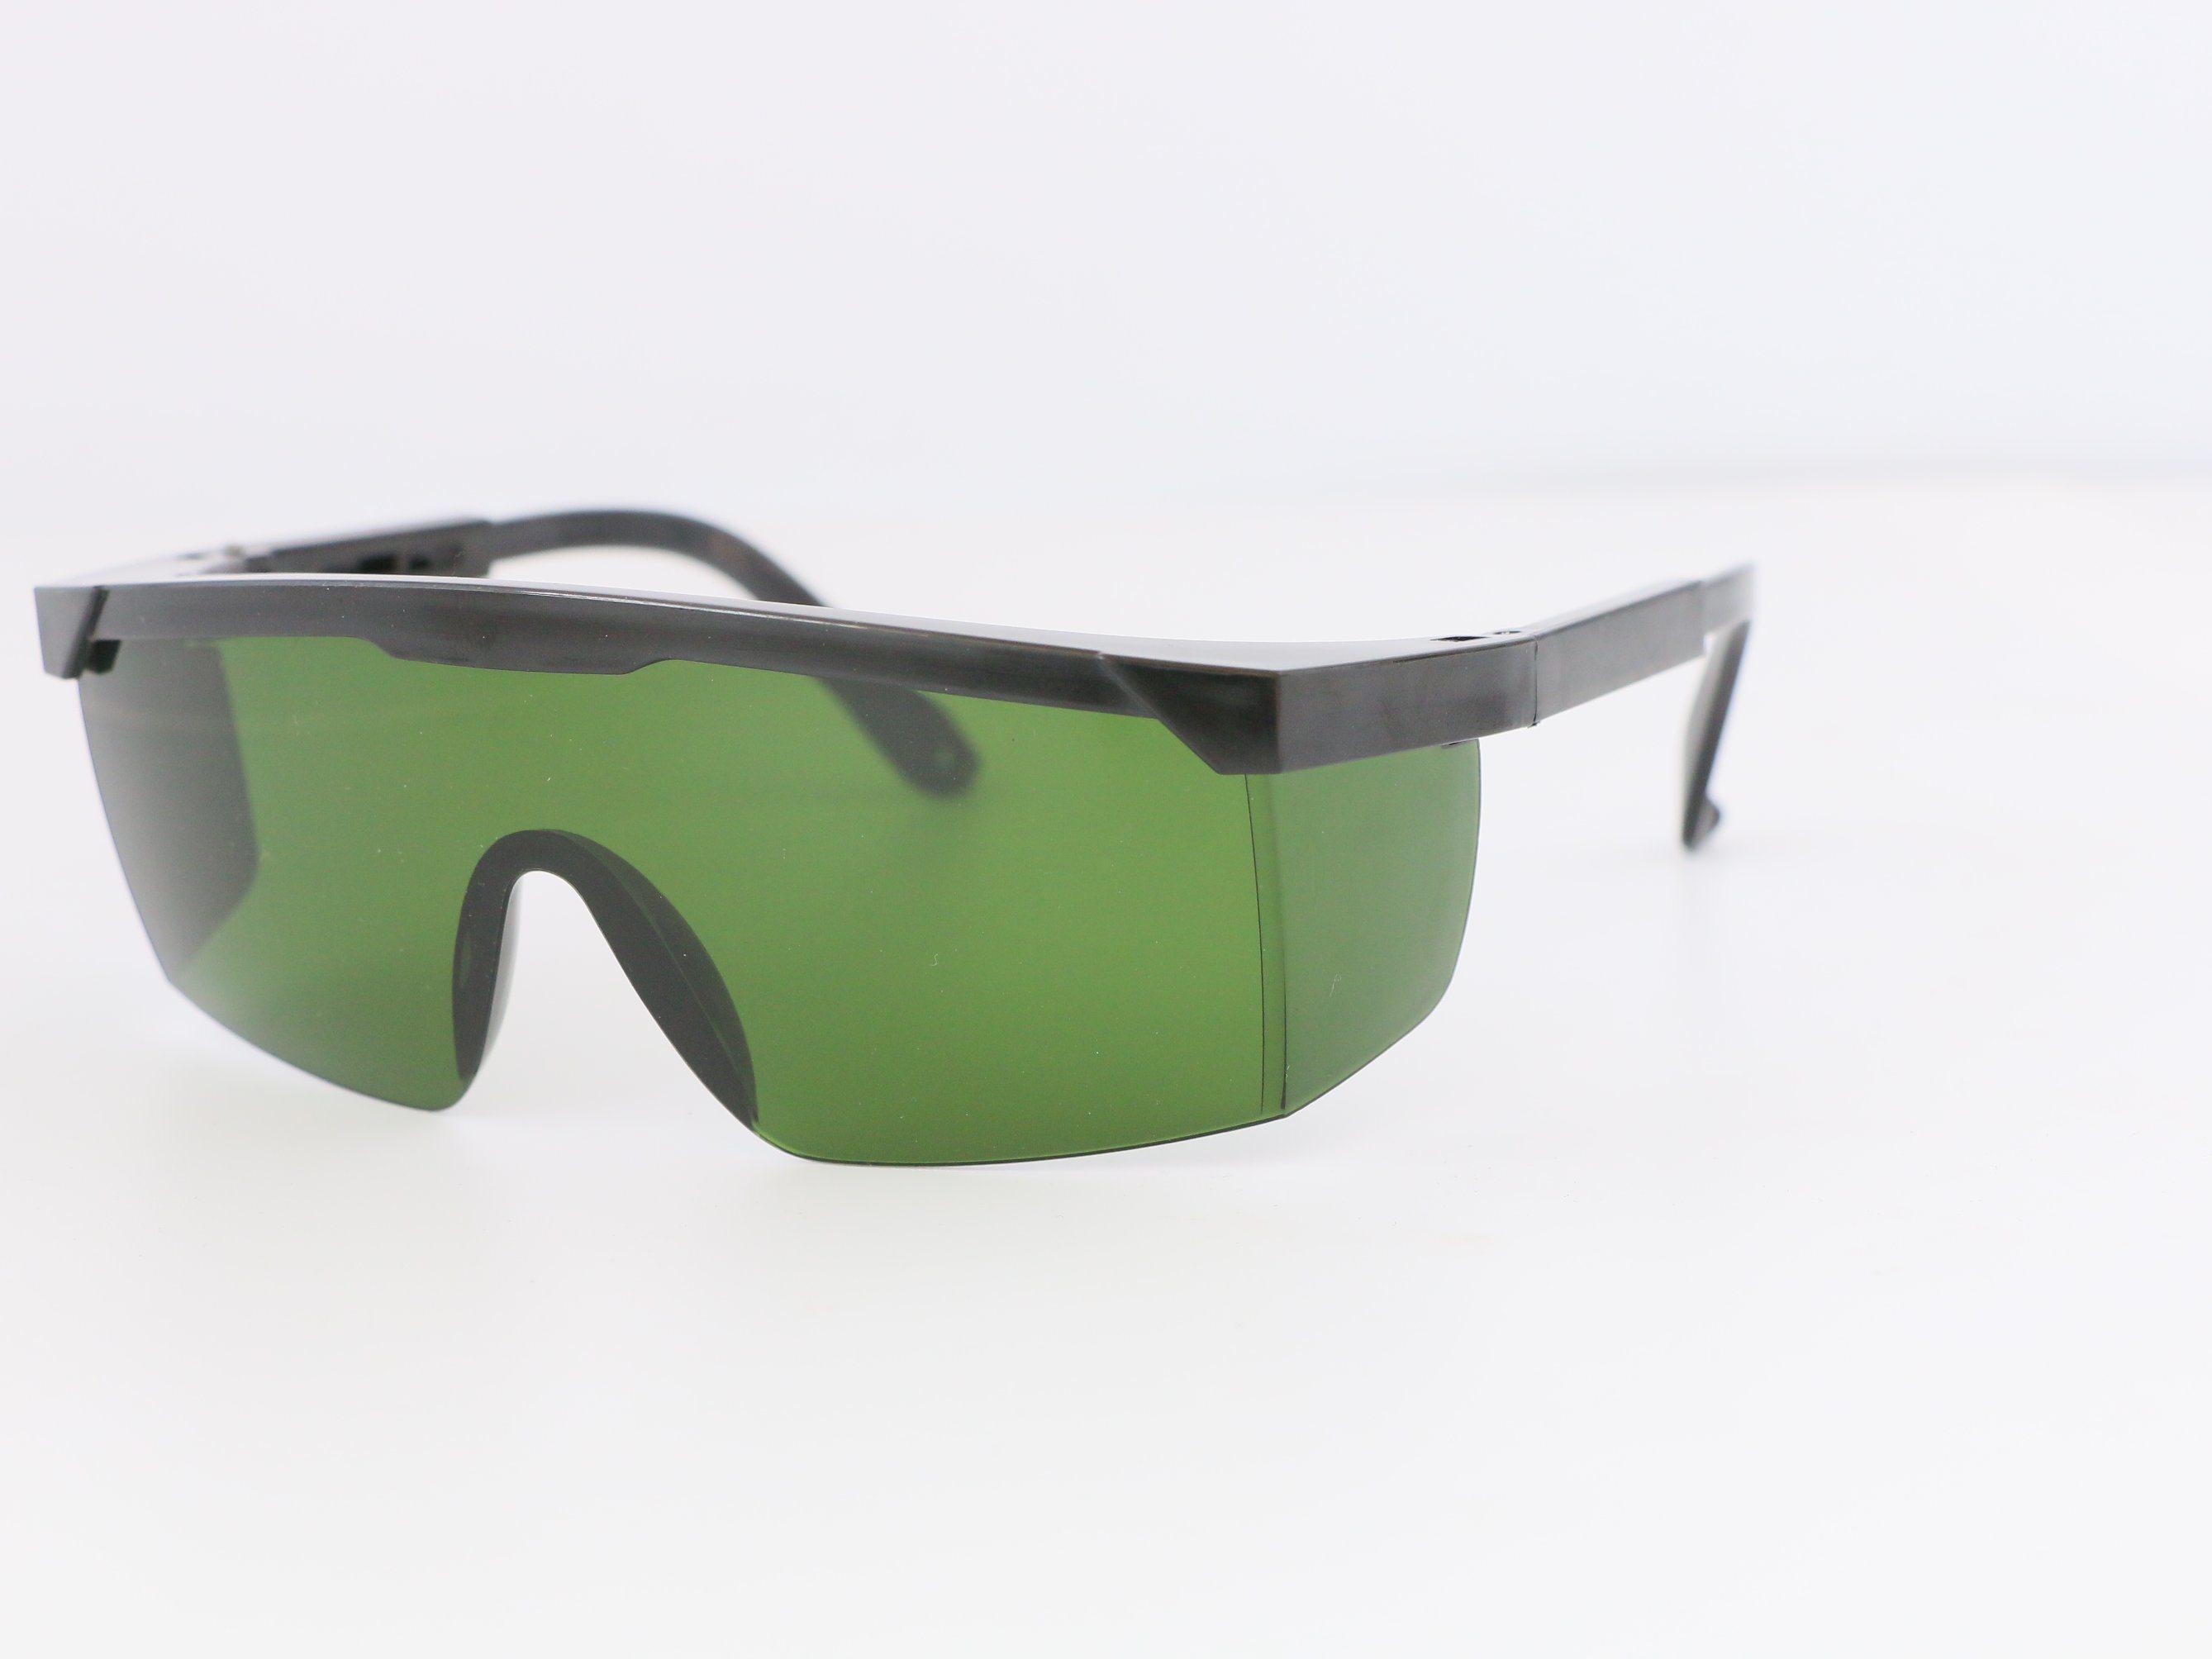 2020 fabricados na China confortável óculos de segurança óculos de segurança da indústria